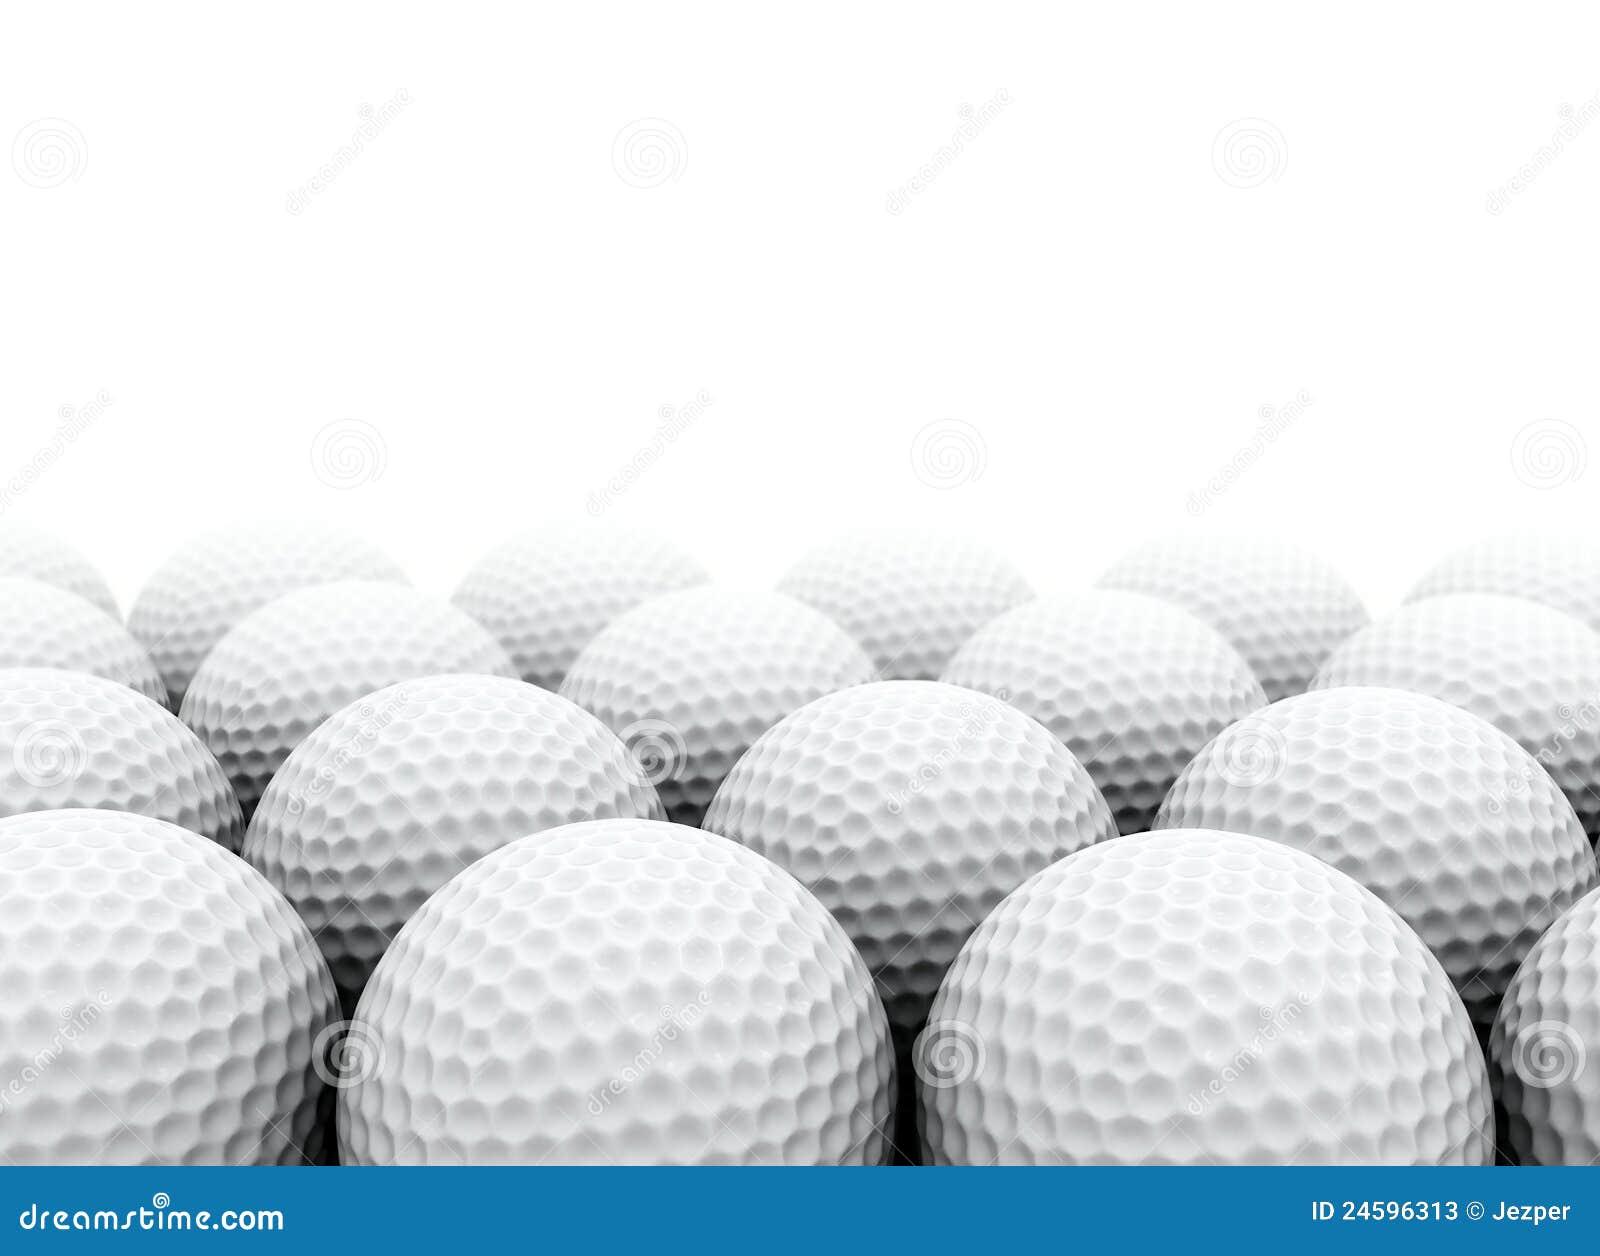 Шары для игры в гольф